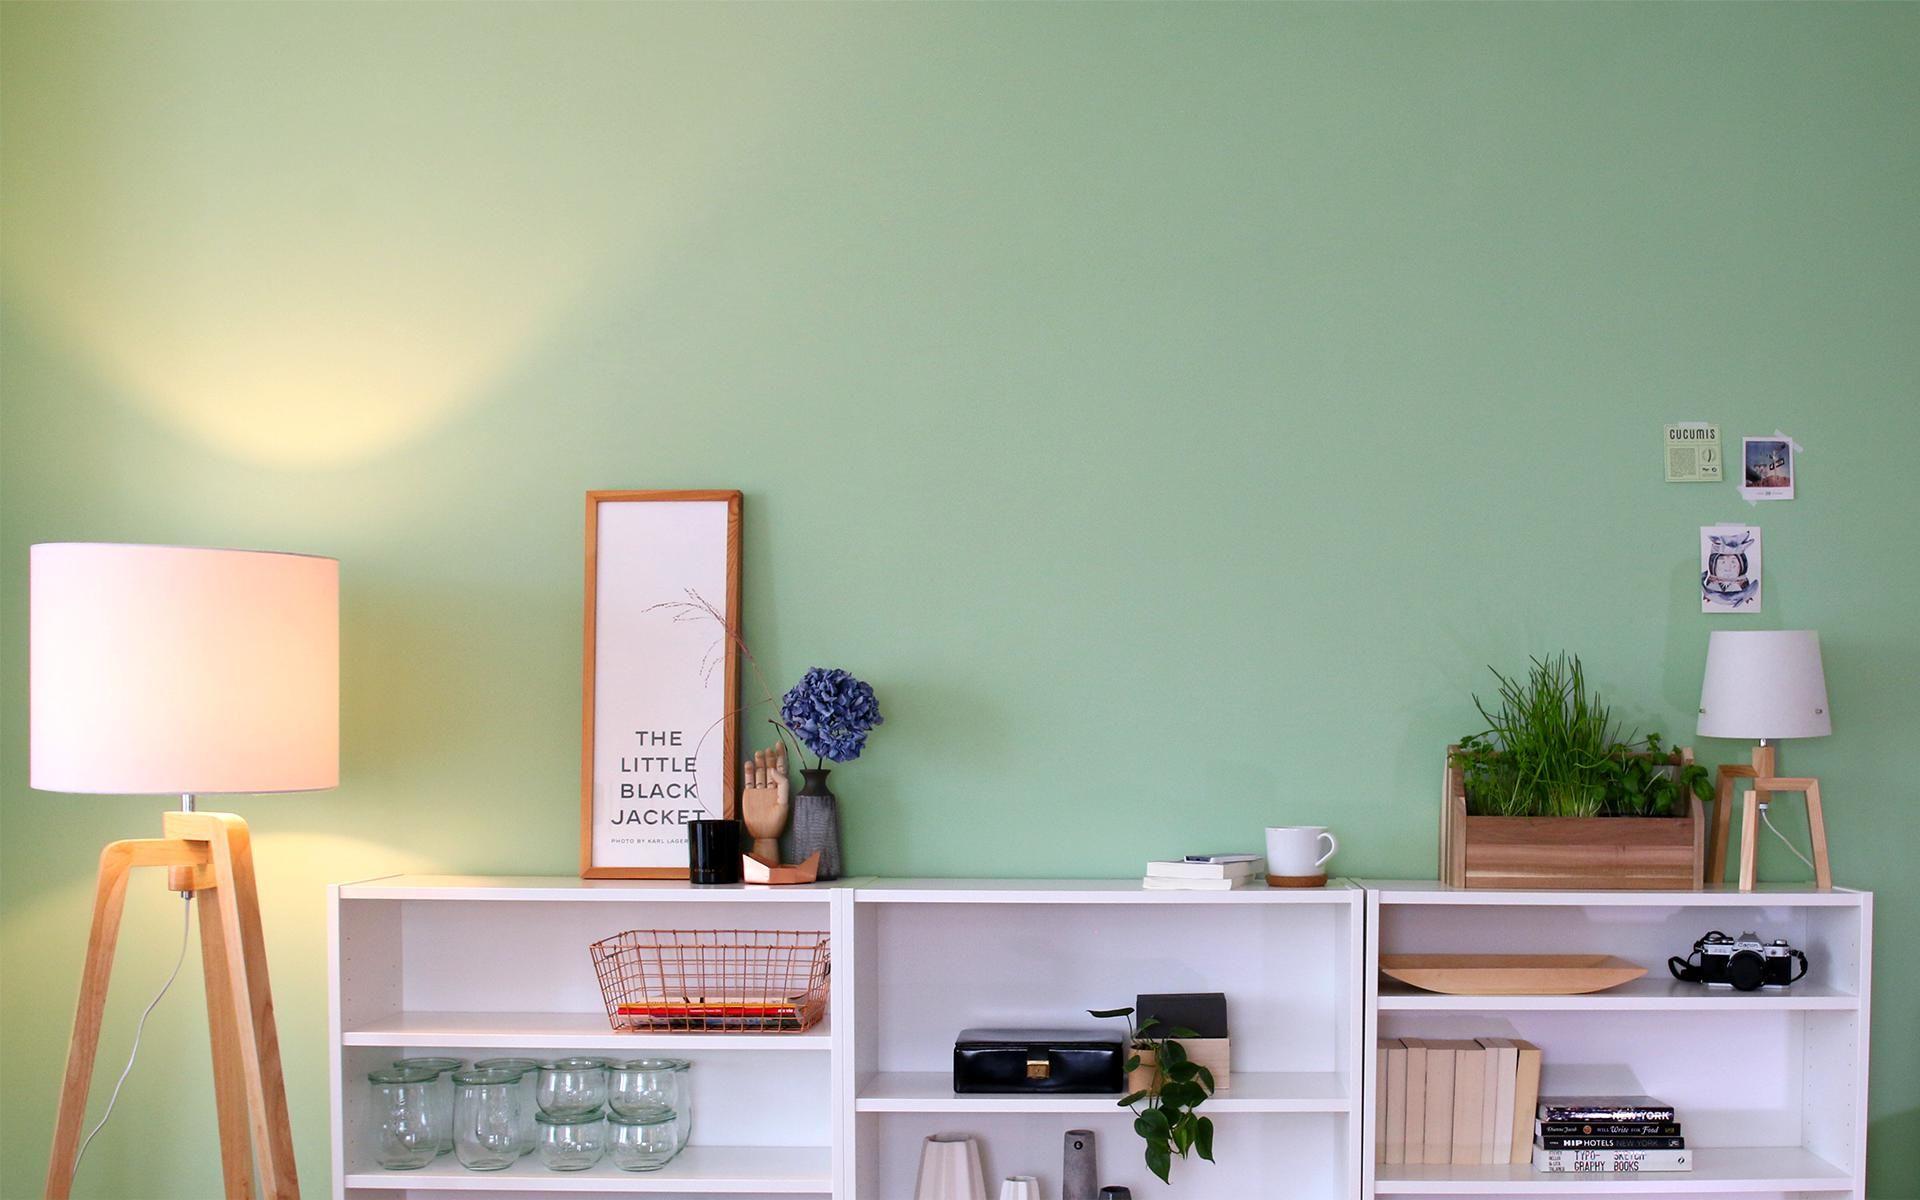 Green Living Berlin no 10 hüterin der freiheit im wohnzimmer coopers apartment